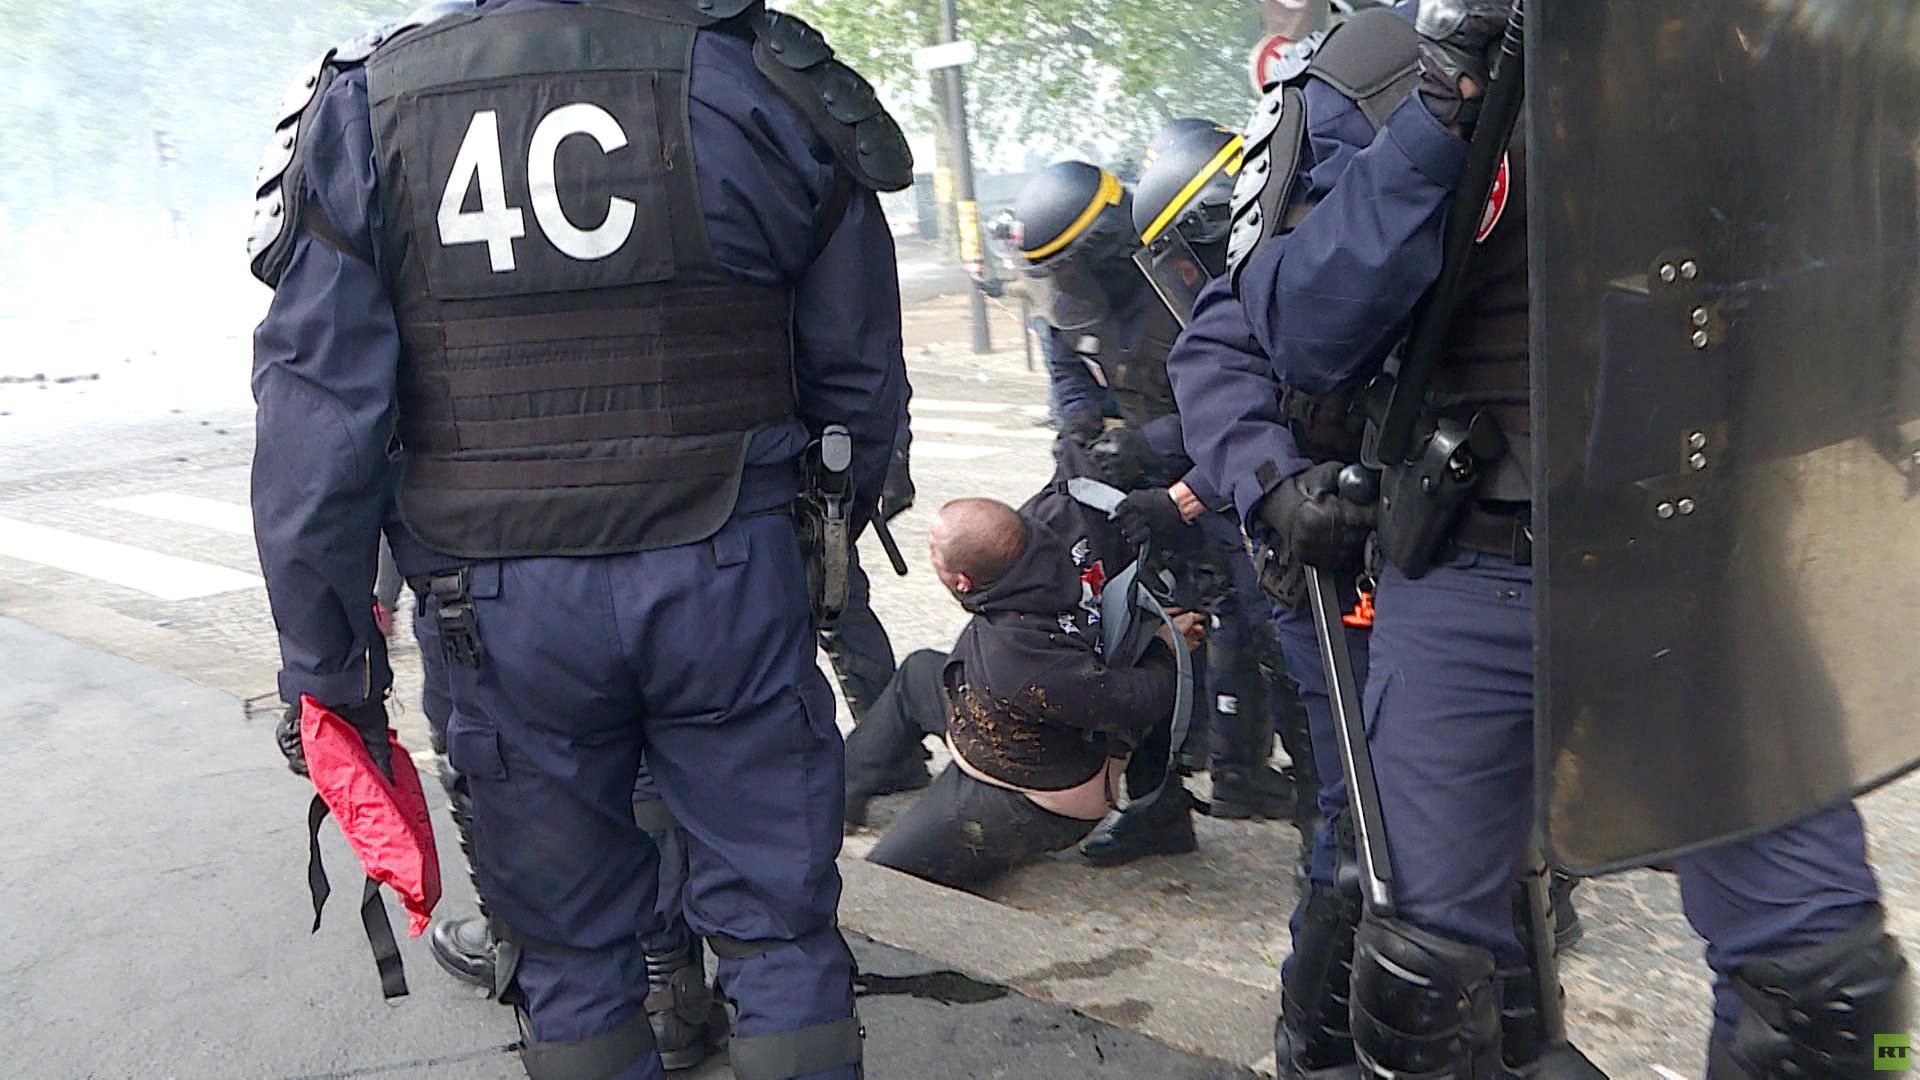 Violences du Premier mai : «Sans doute des bandes d'extrême droite», selon Jean-Luc Mélenchon